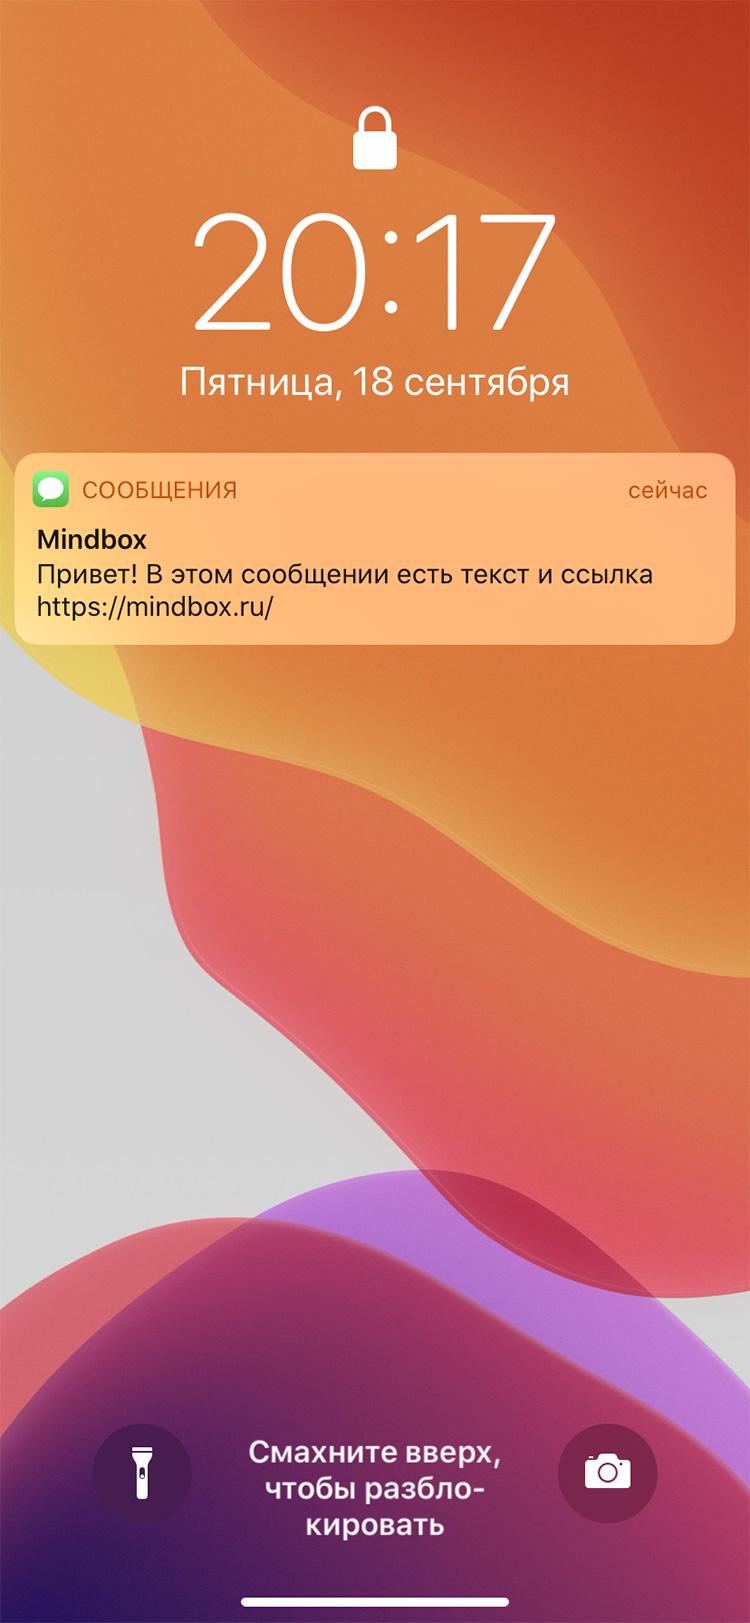 Внешний вид SMS